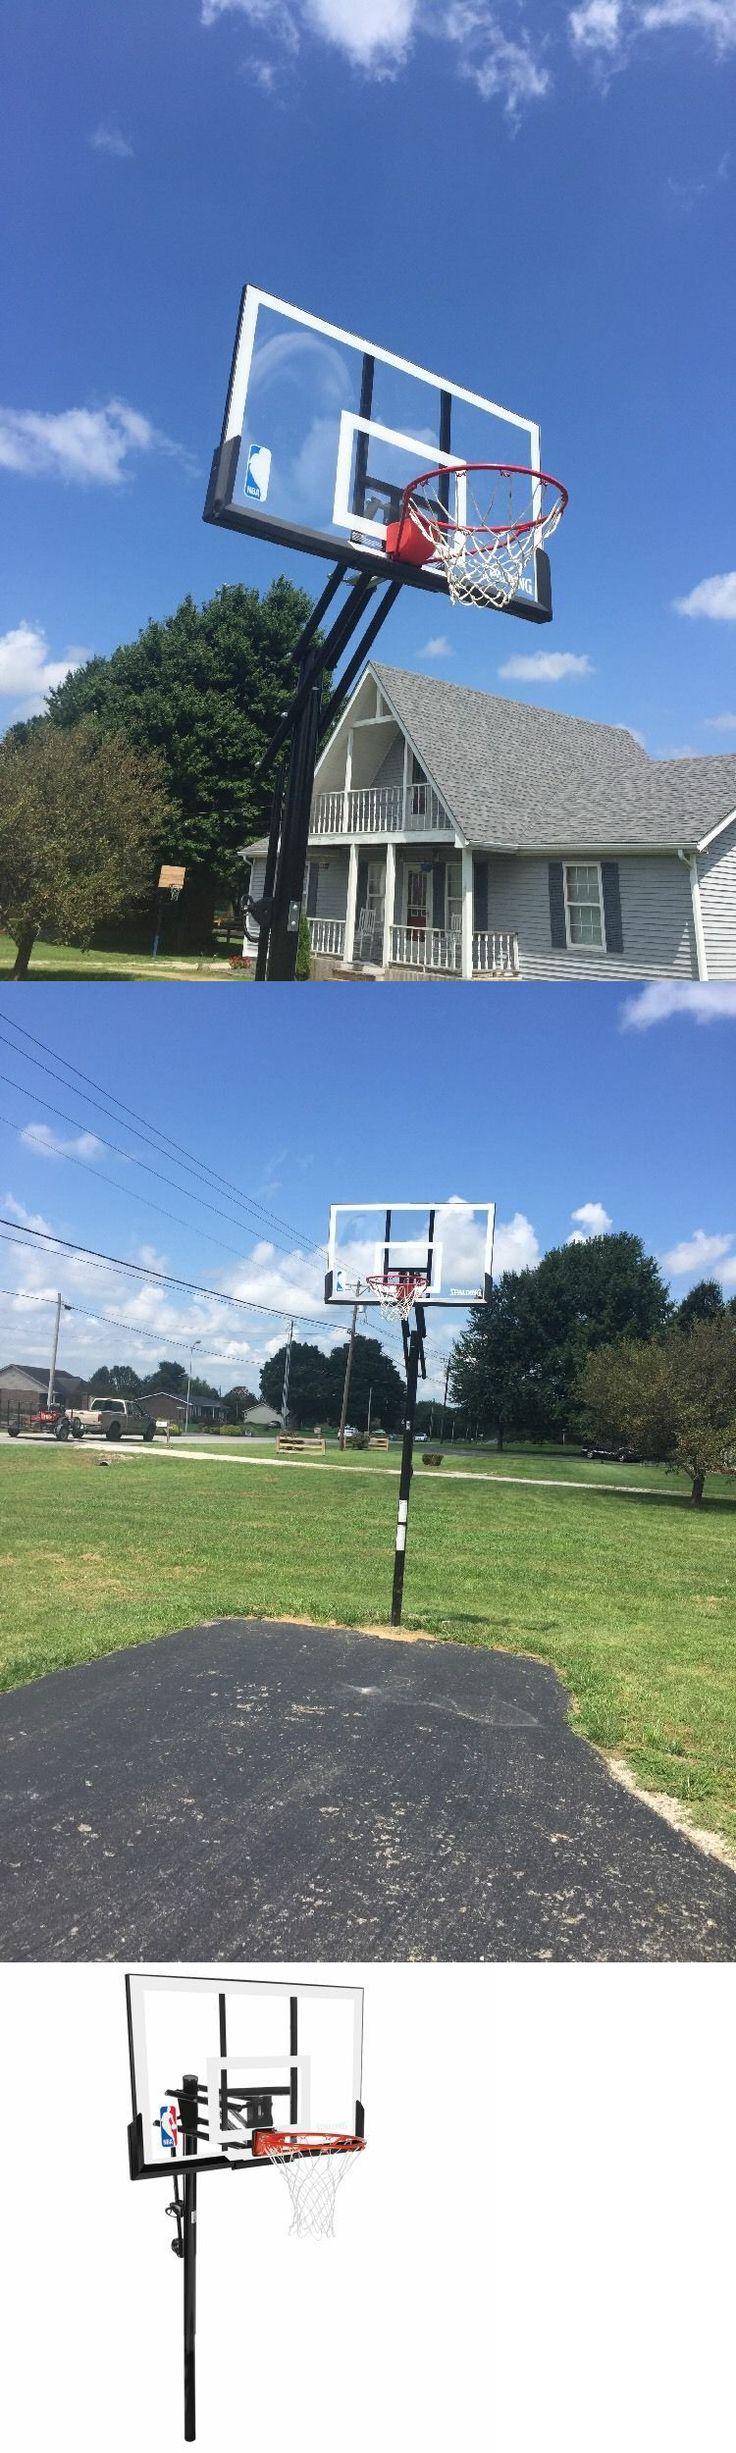 Backboard Systems 21196: Spalding 54 Heavy Duty Acrylic In Ground Basketball Goal Adjustable Breakaway -> BUY IT NOW ONLY: $276.87 on eBay!